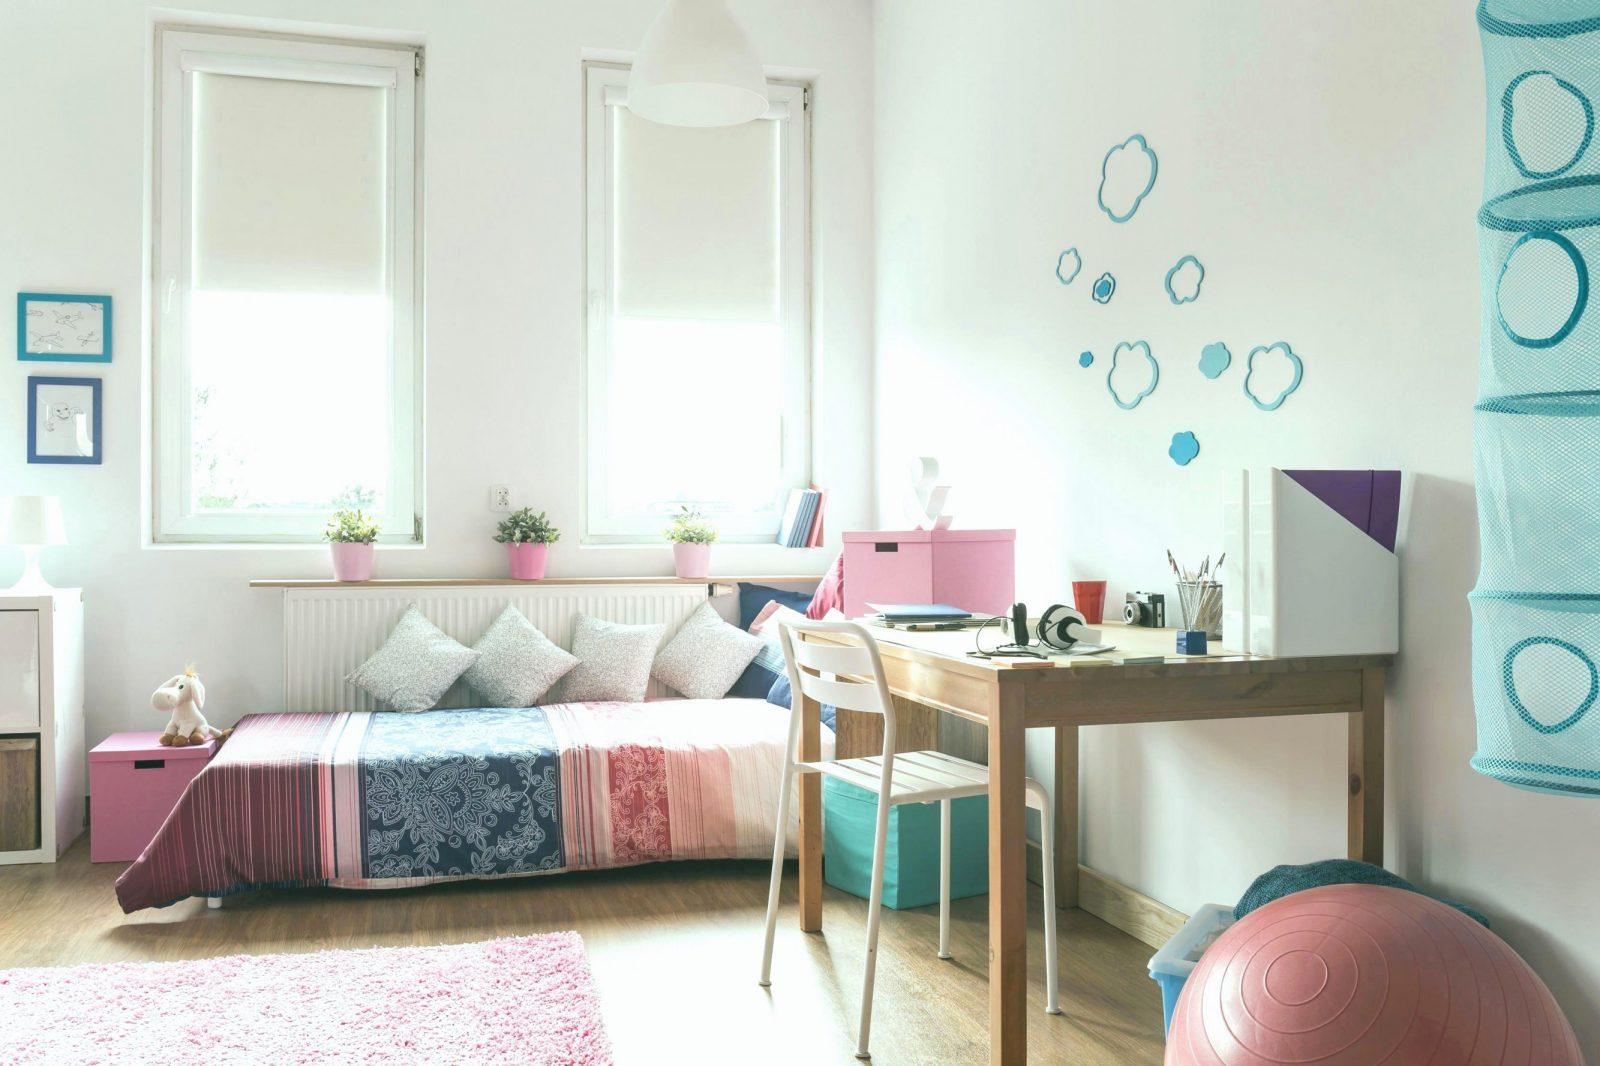 Neu Fotos Von Kleines Kinderzimmer Einrichten Ikea  Grundrisse von Kleines Kinderzimmer Einrichten Ikea Bild